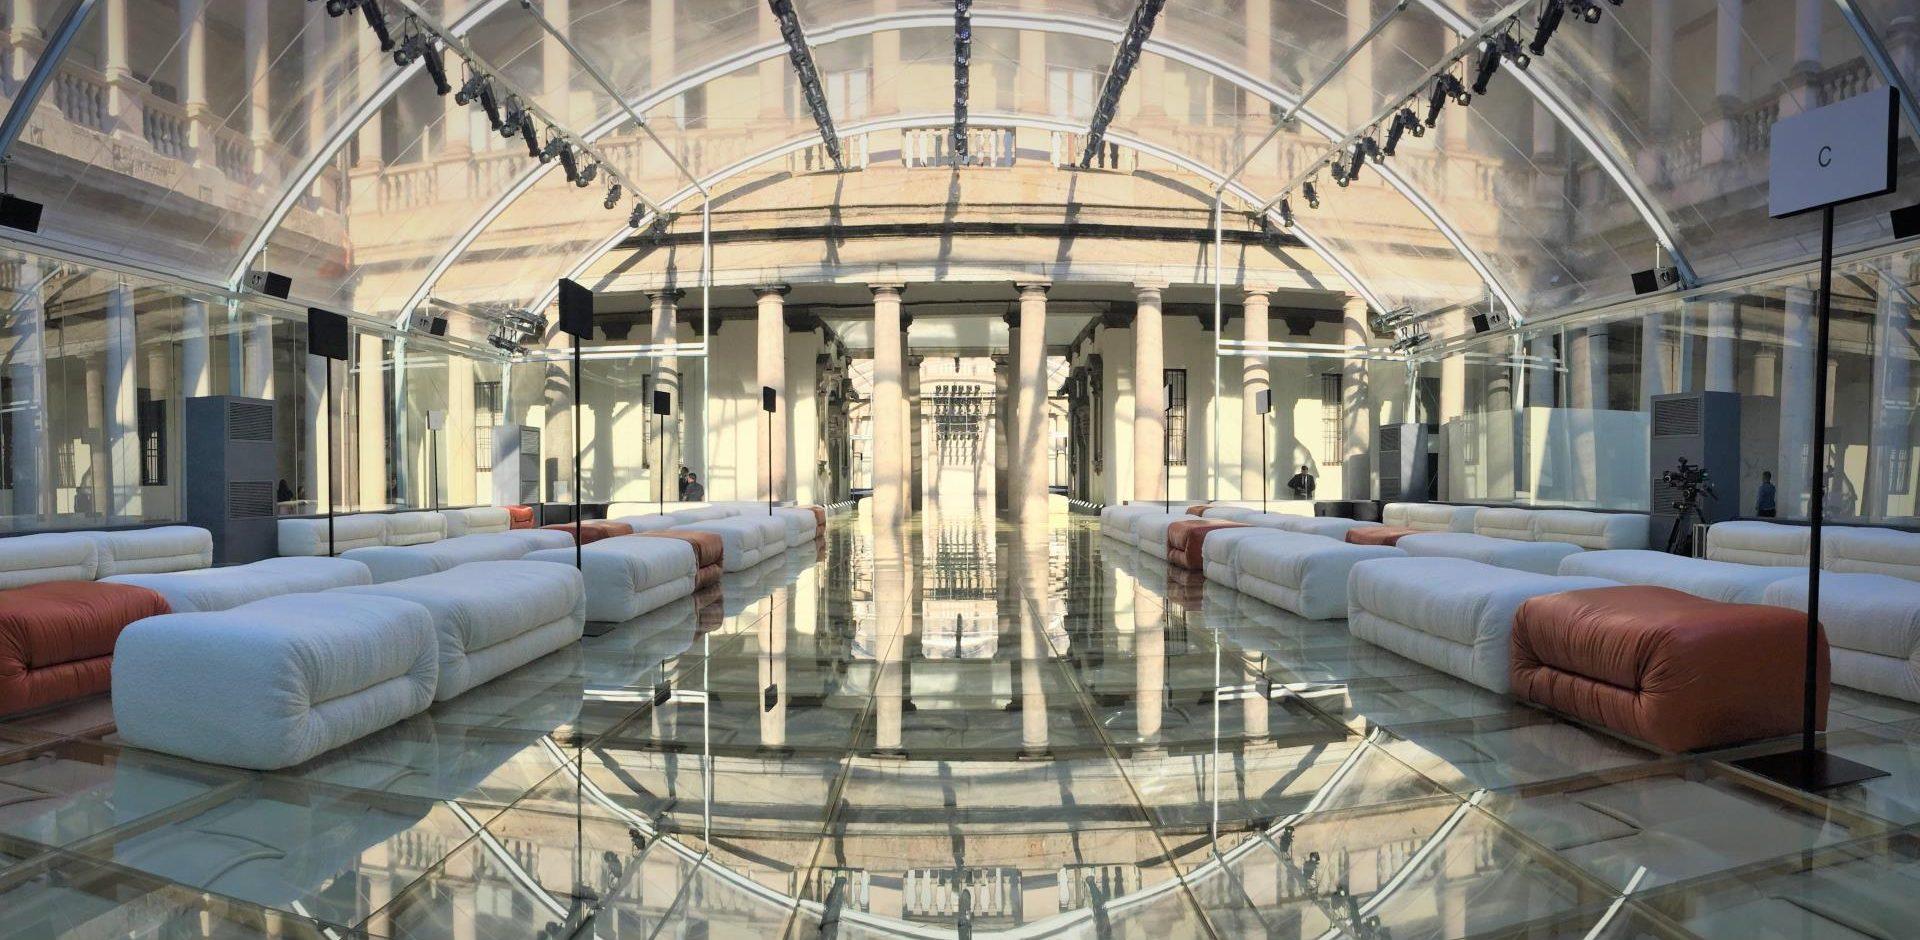 Bottega Veneta SS 2020 - Via del Senato, Milano